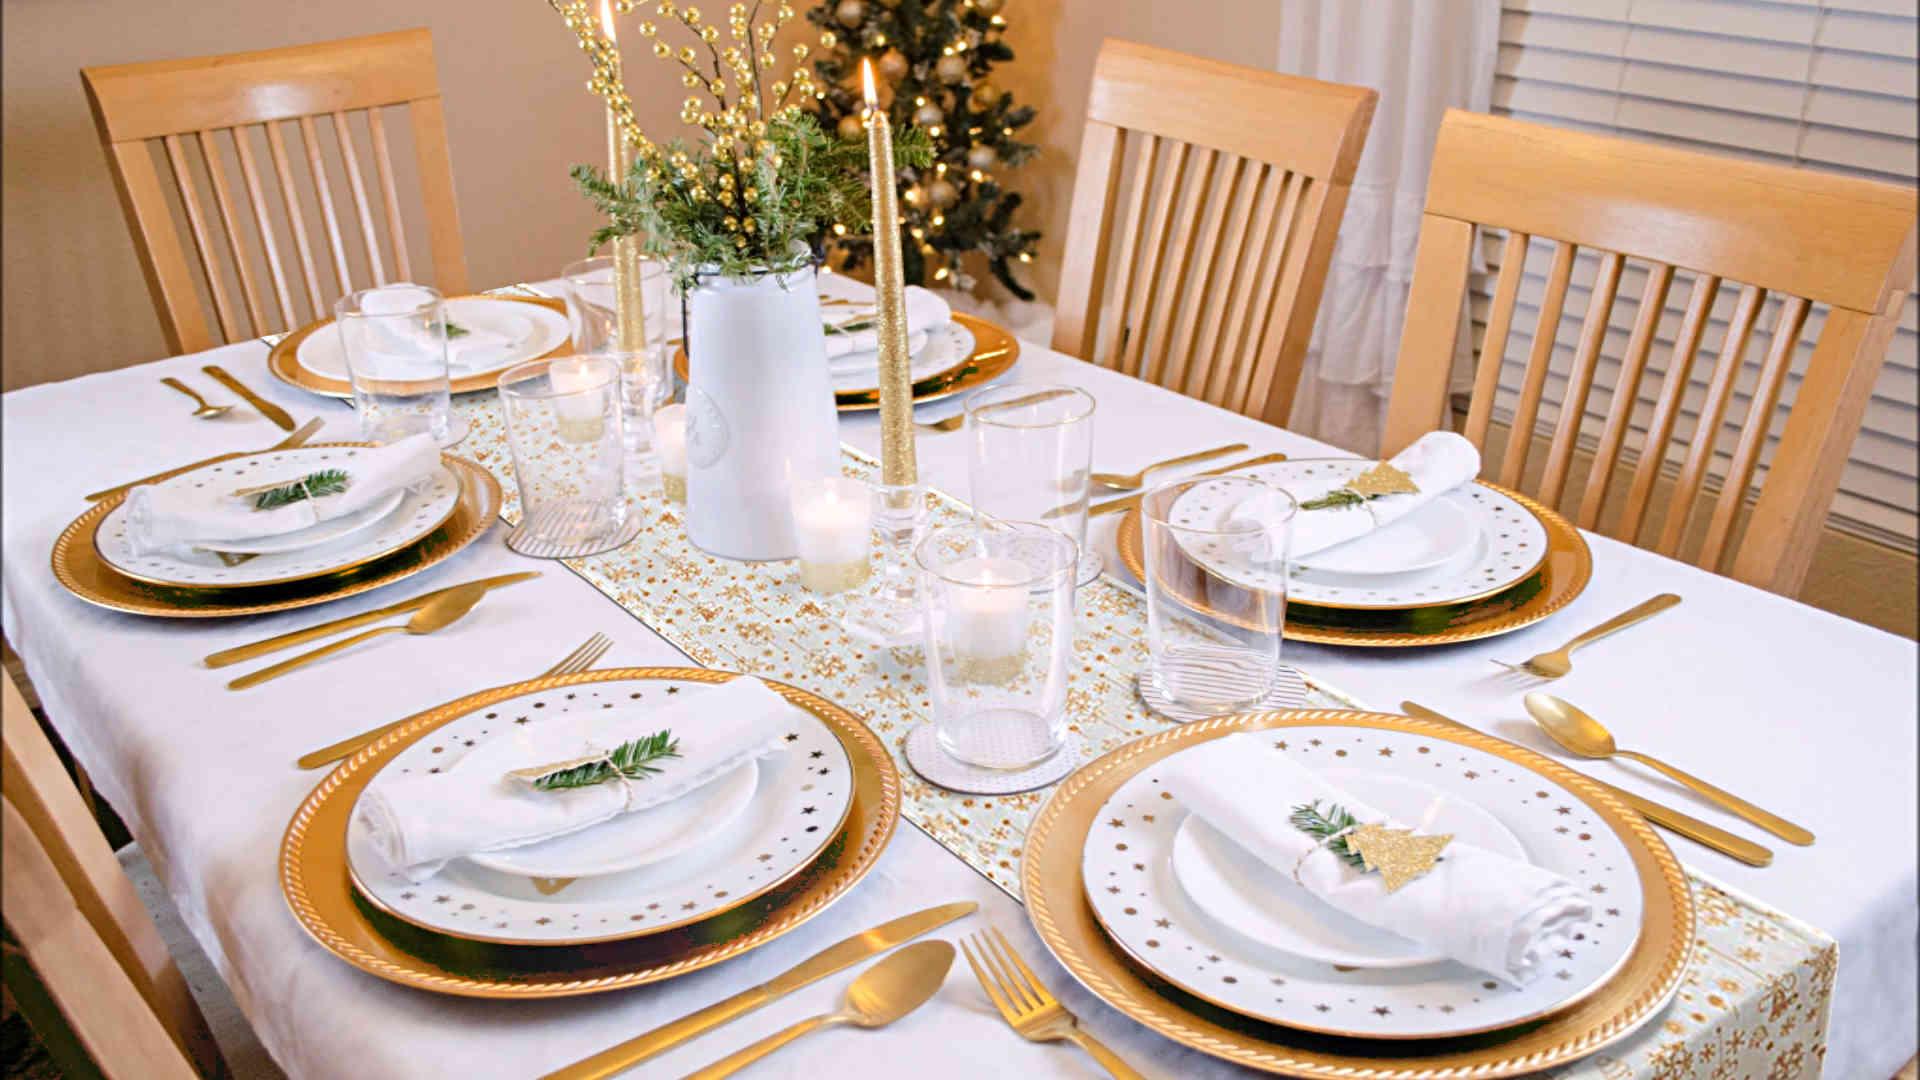 deco de table blanc et or pour noel